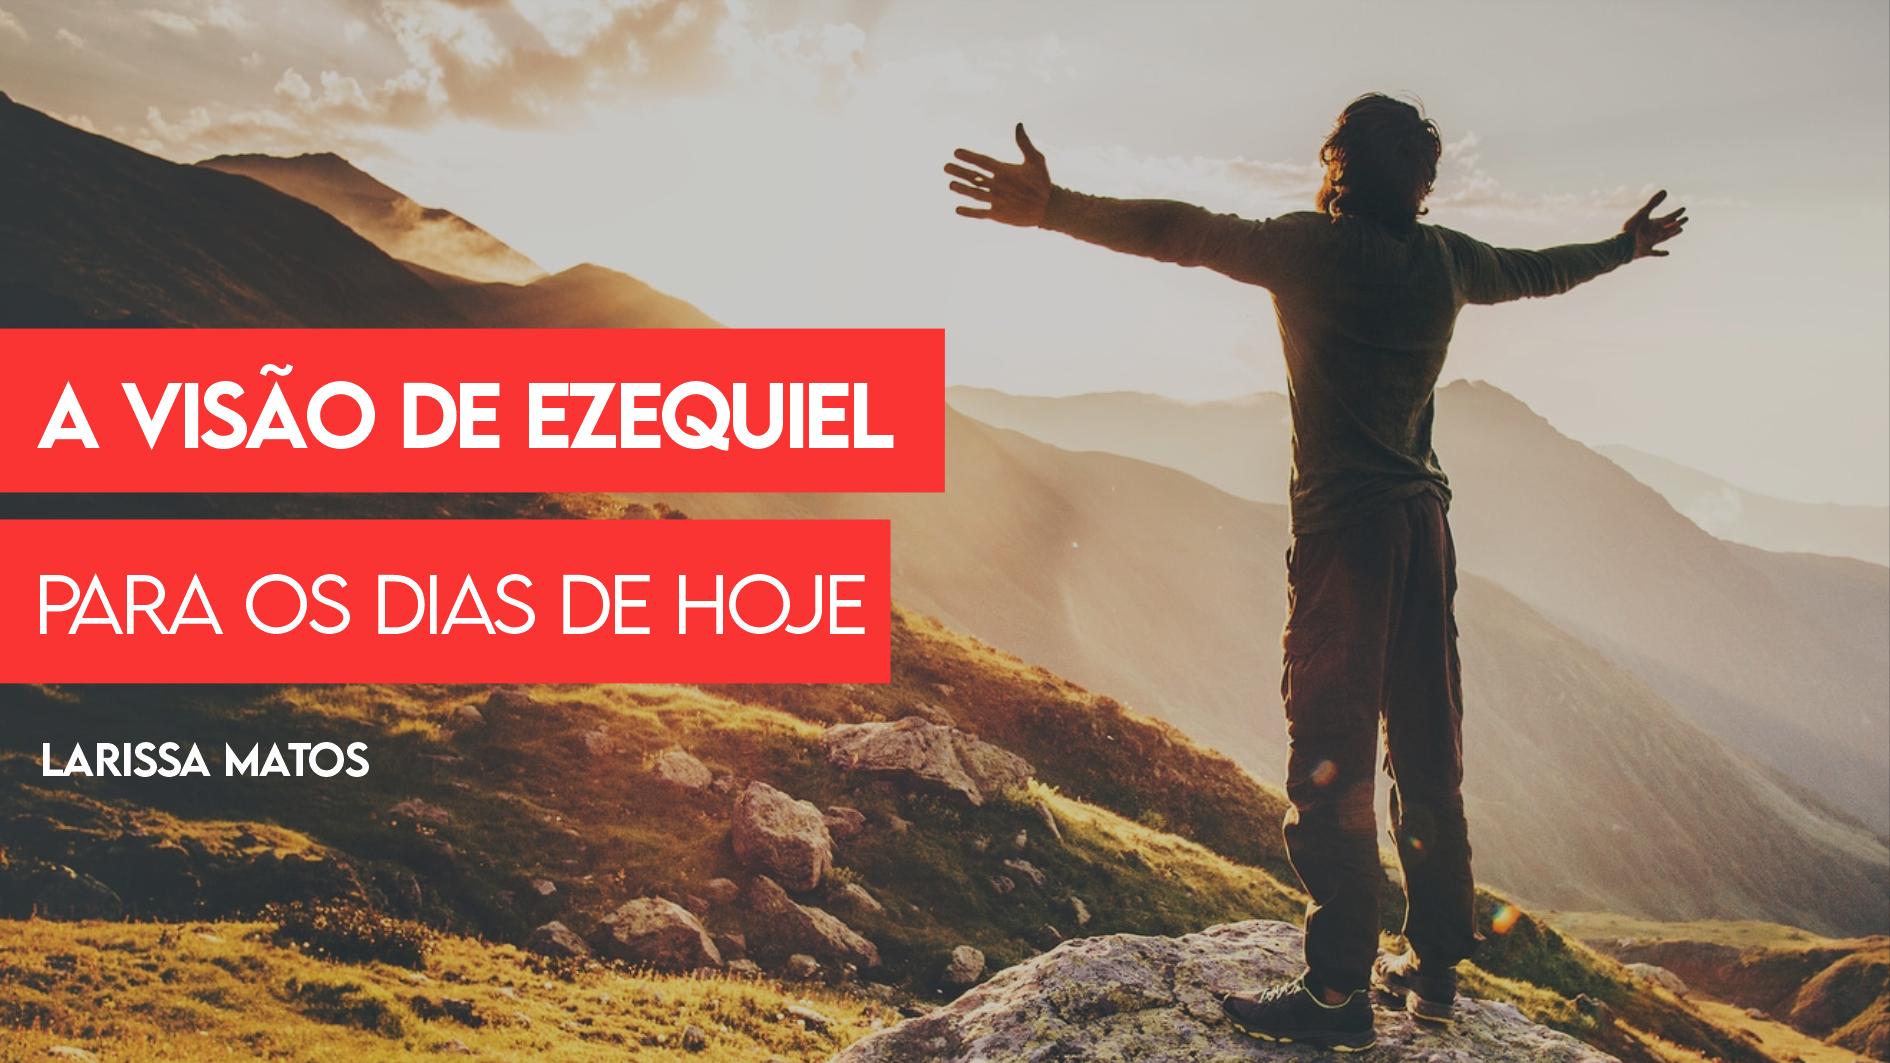 A Visão de Ezequiel